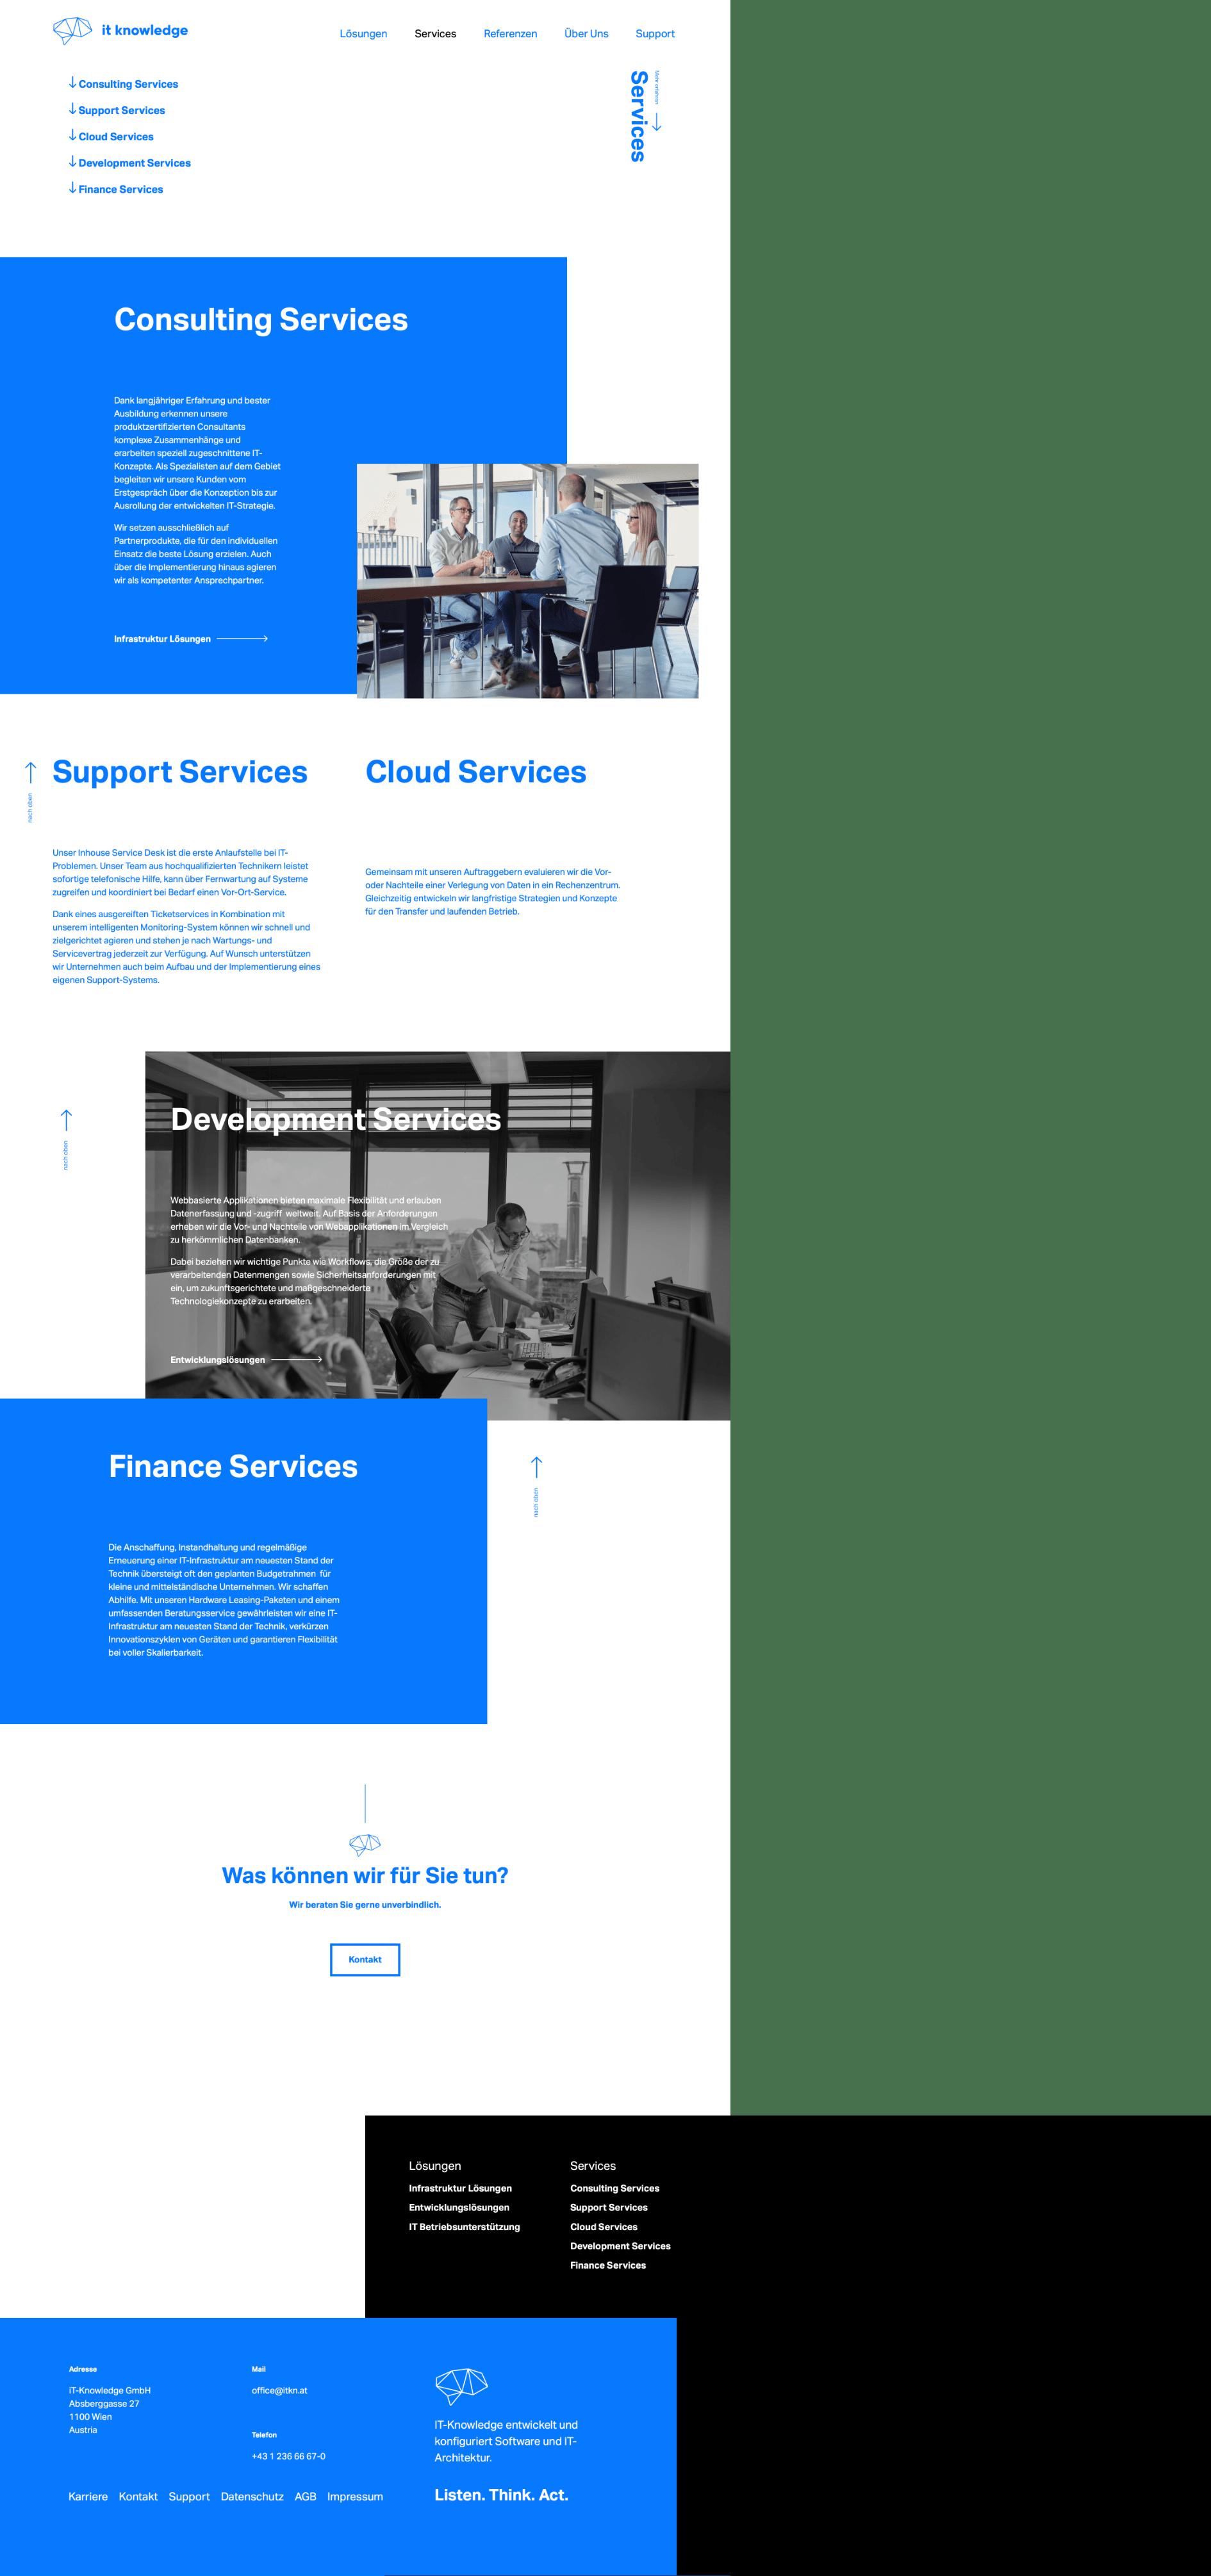 q2-werbeagentur_itkn_website-services